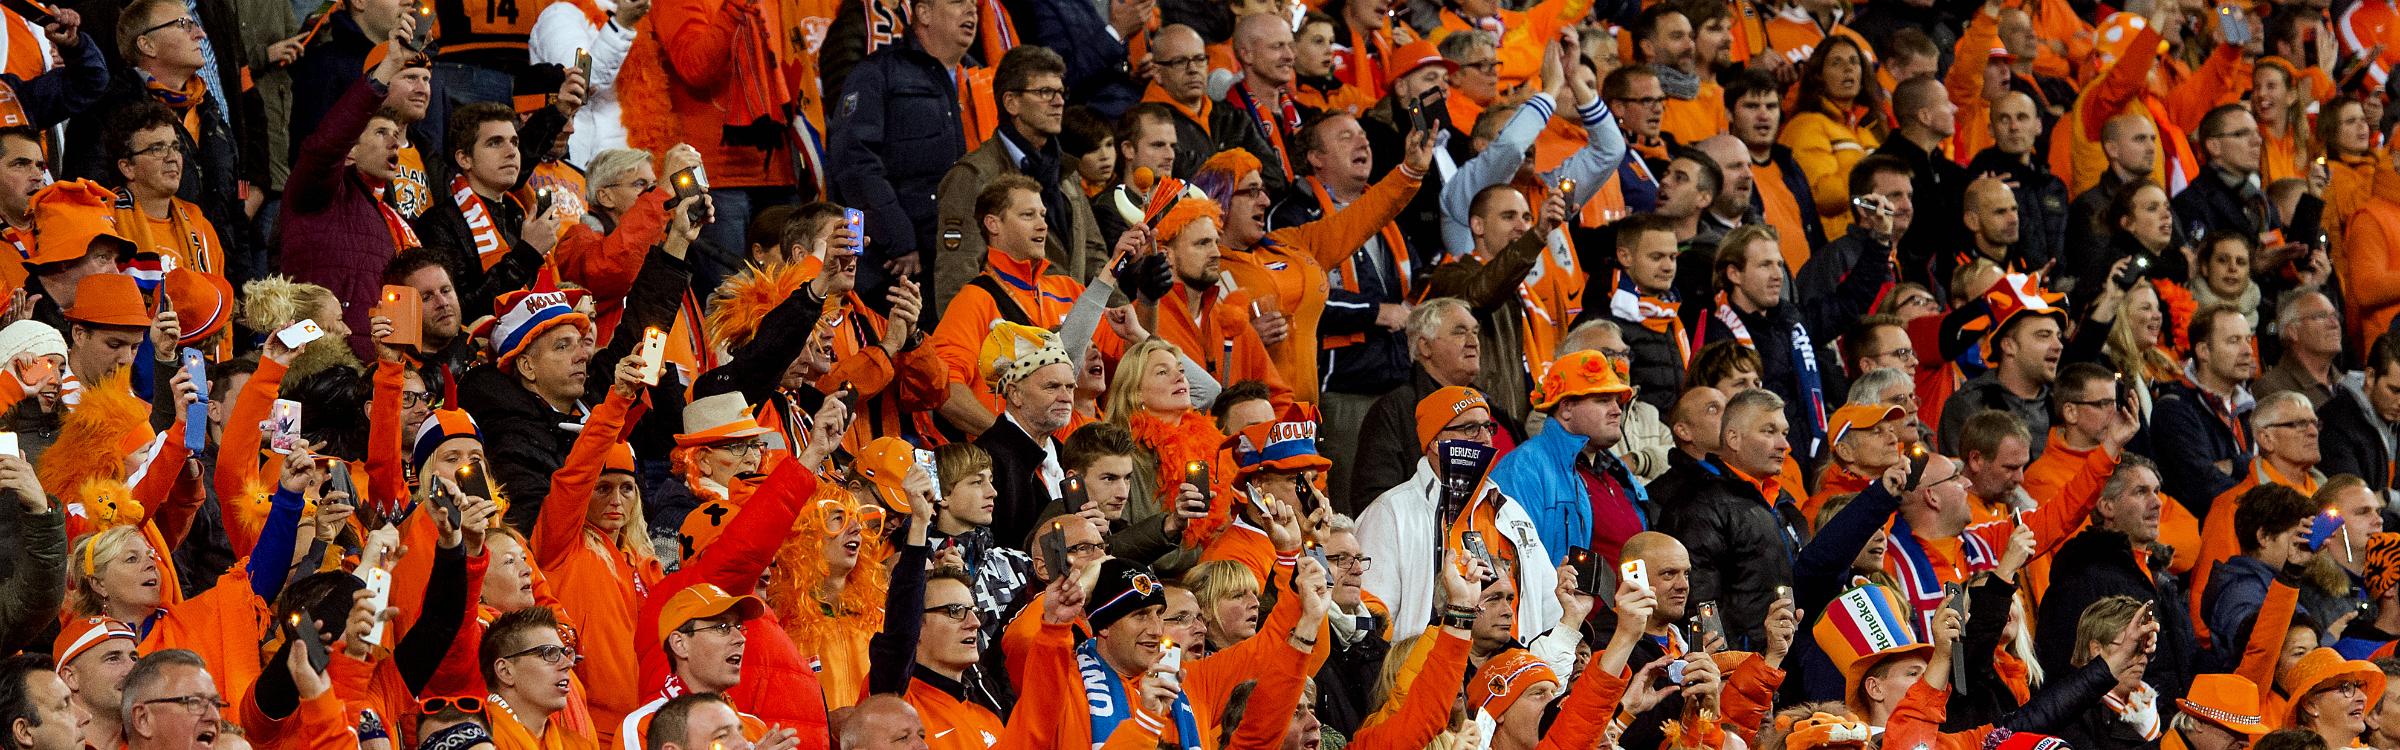 Oranje.jpg header